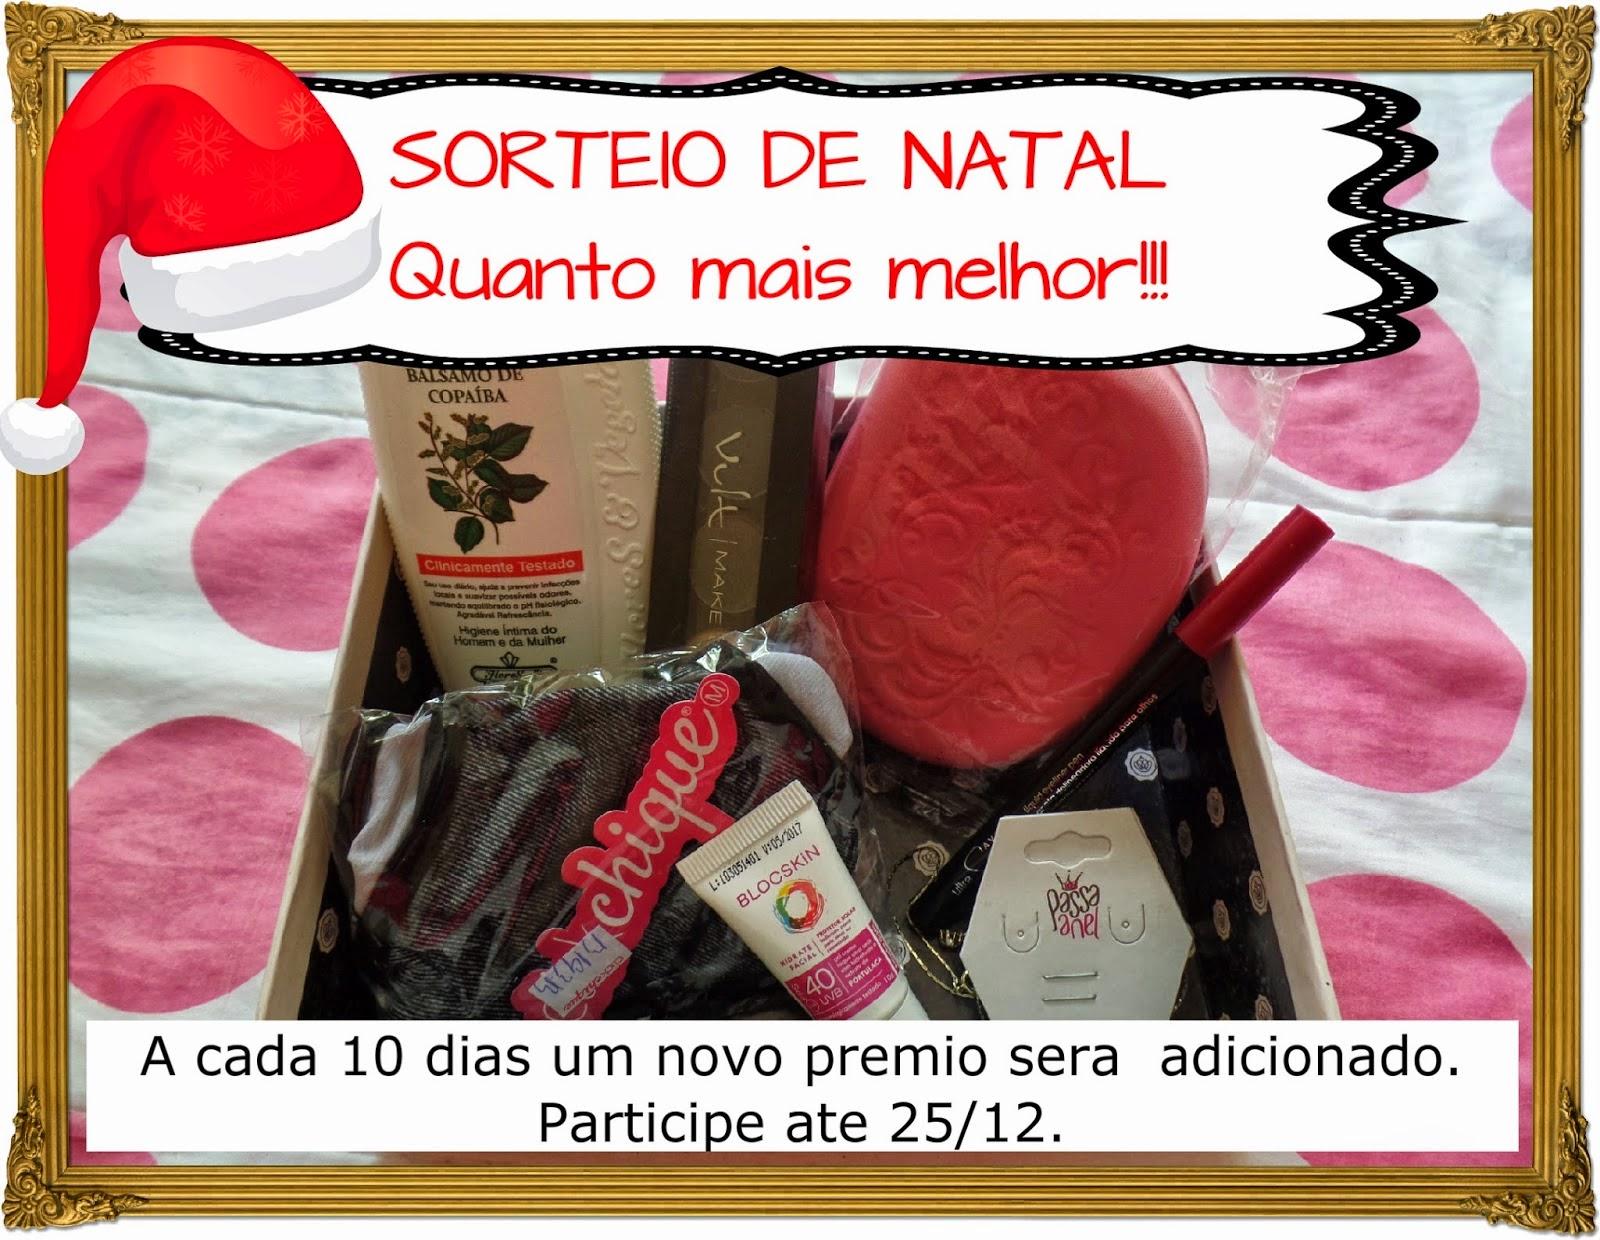 SORTEIO DE NATAL!!!